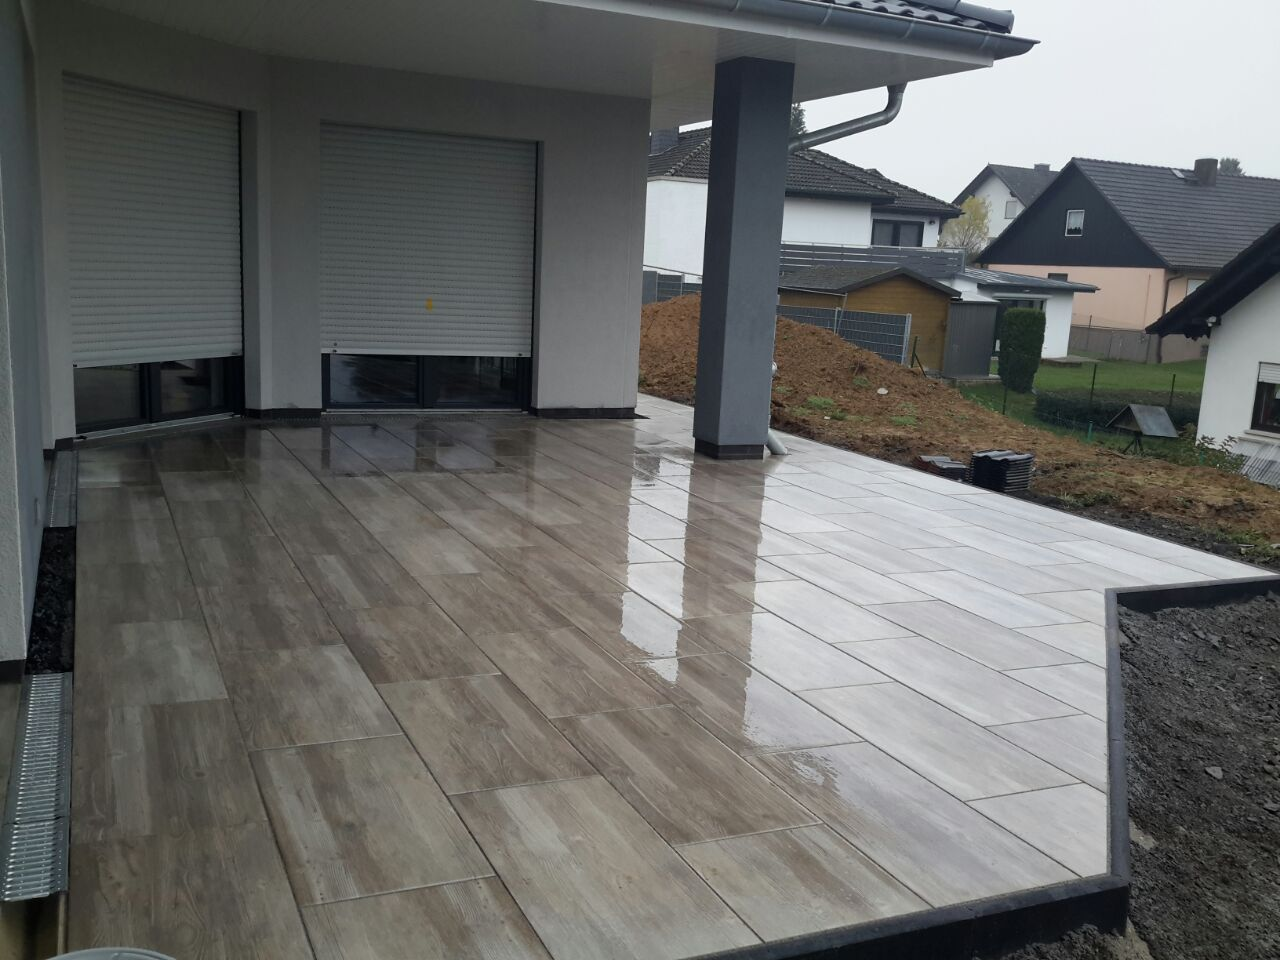 Unglaublich Vorgartengestaltung Modern Sammlung Von Terrasse Aus Keramikplatten. Großformatige Keramikplatten Wirken Sehr